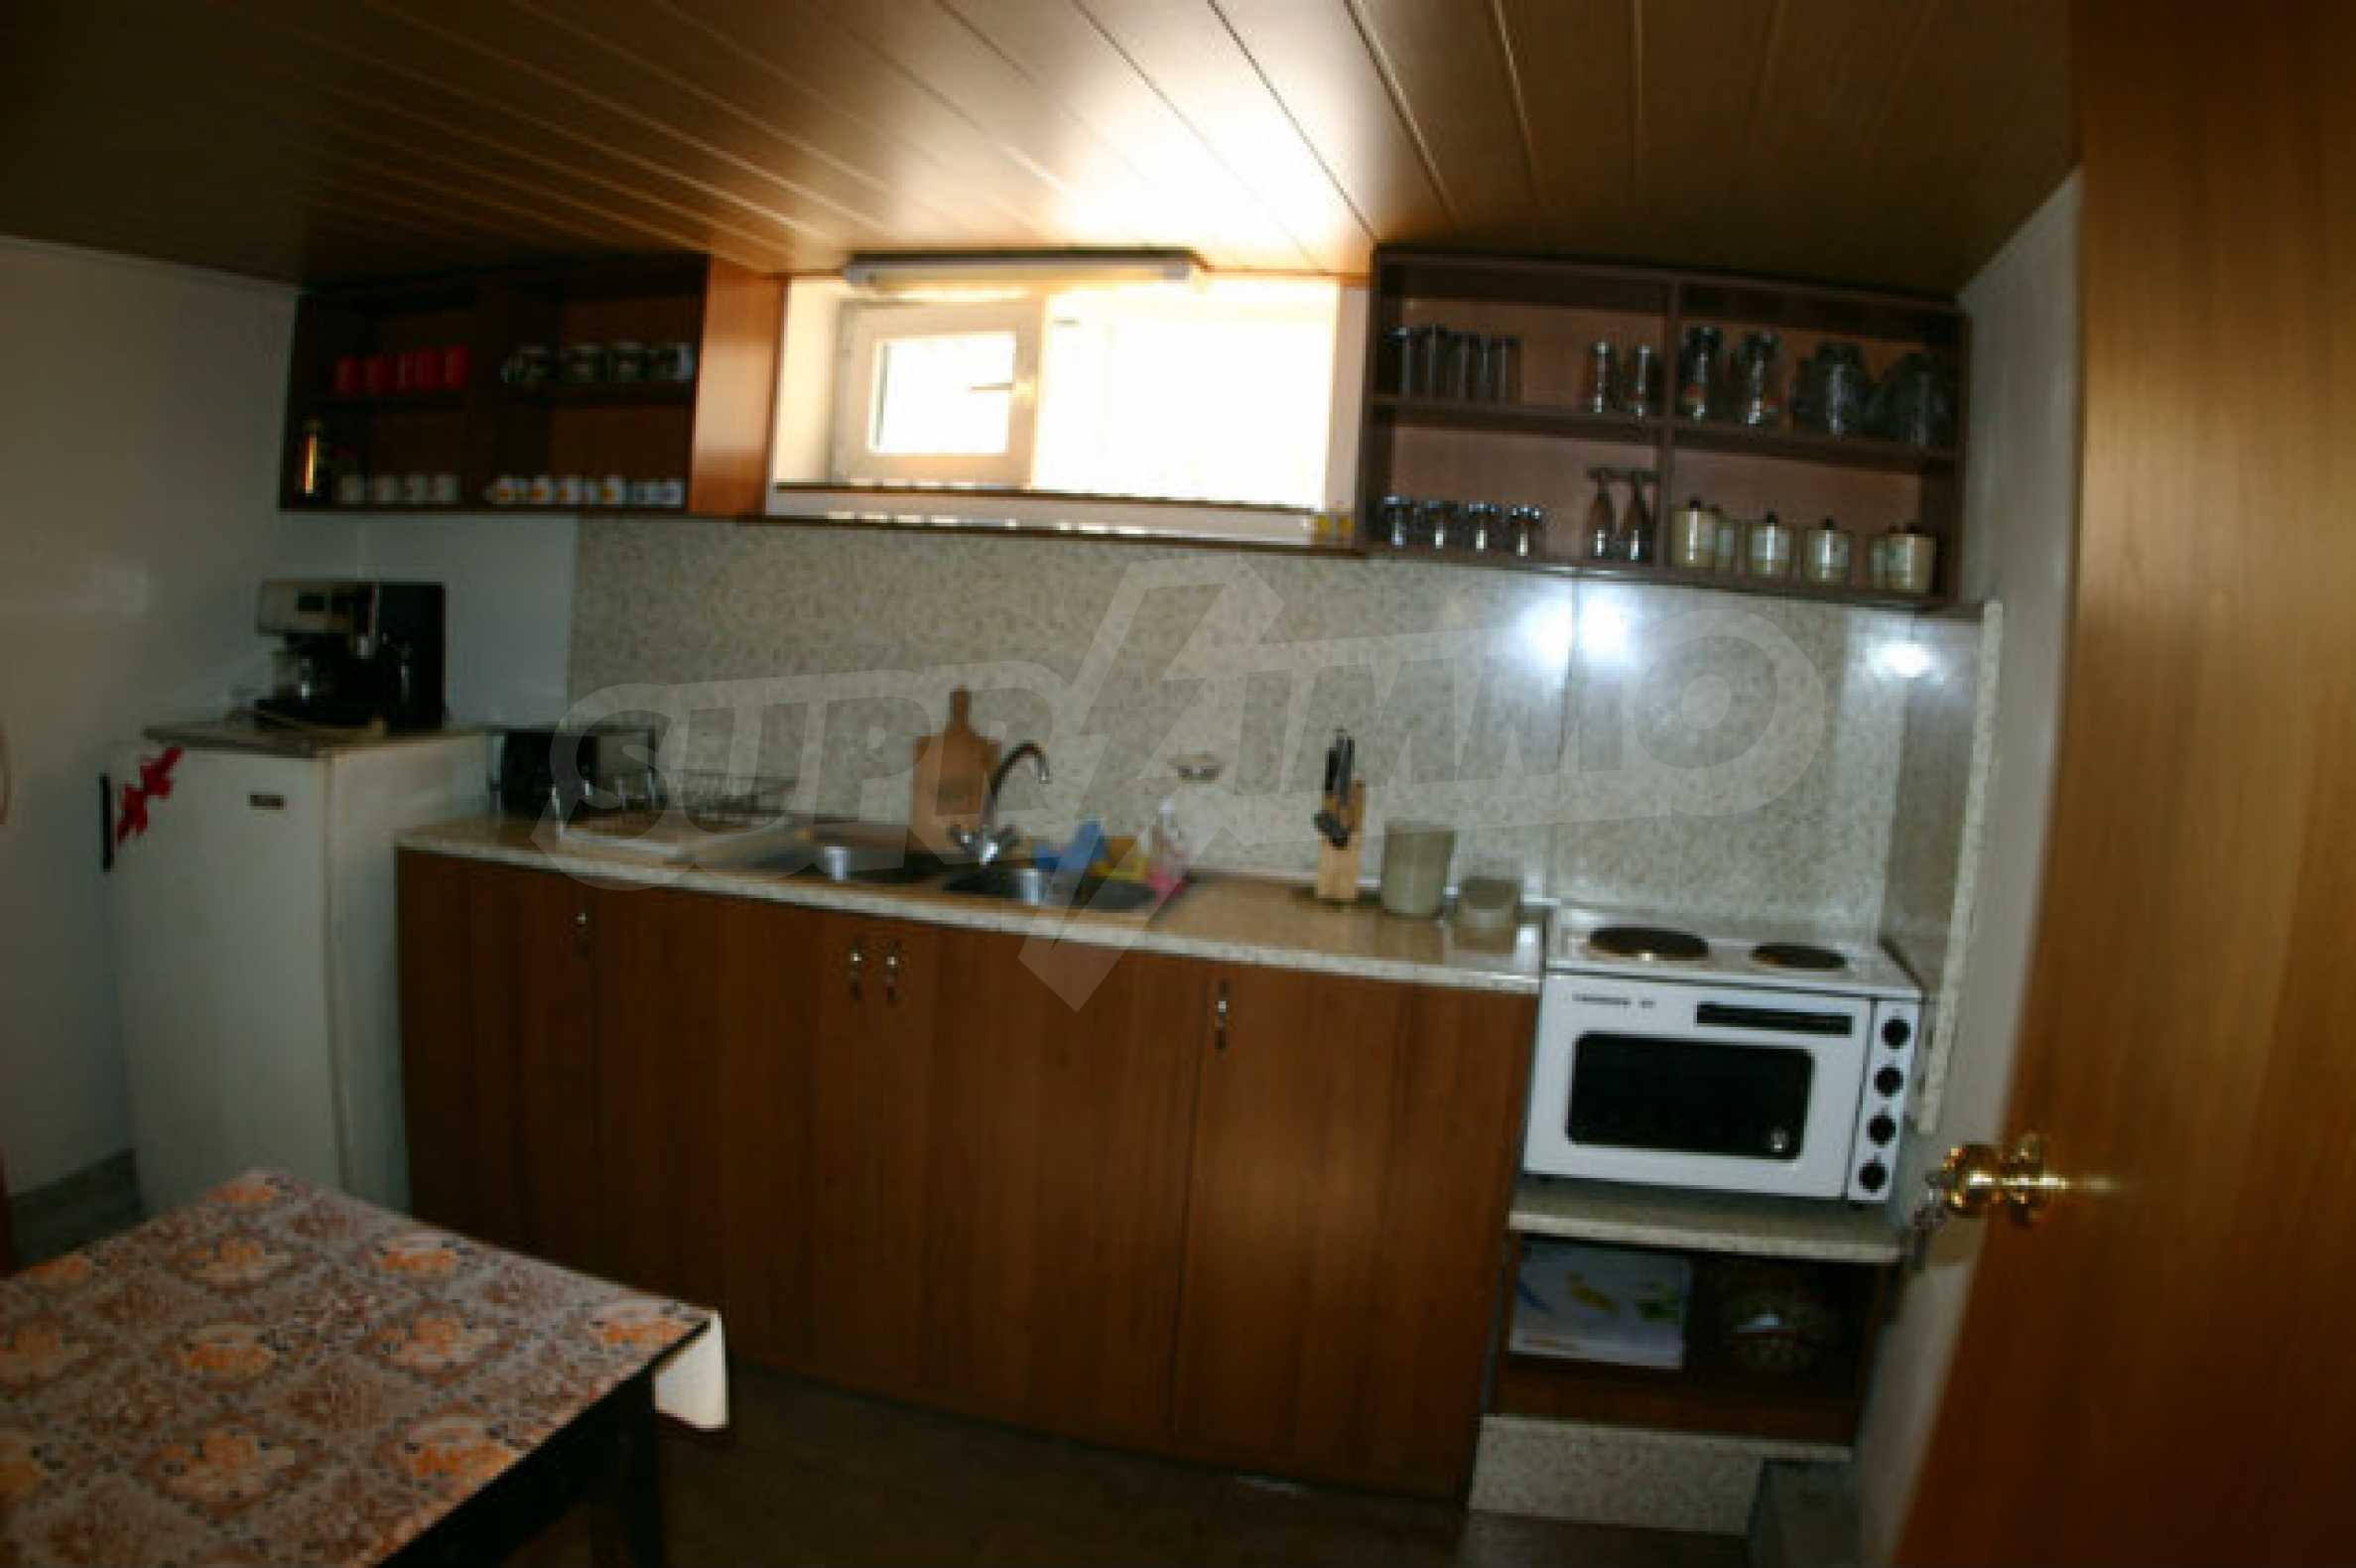 Familienhotel zum Verkauf in Dobrinischte, 6 km von Bansko entfernt 6